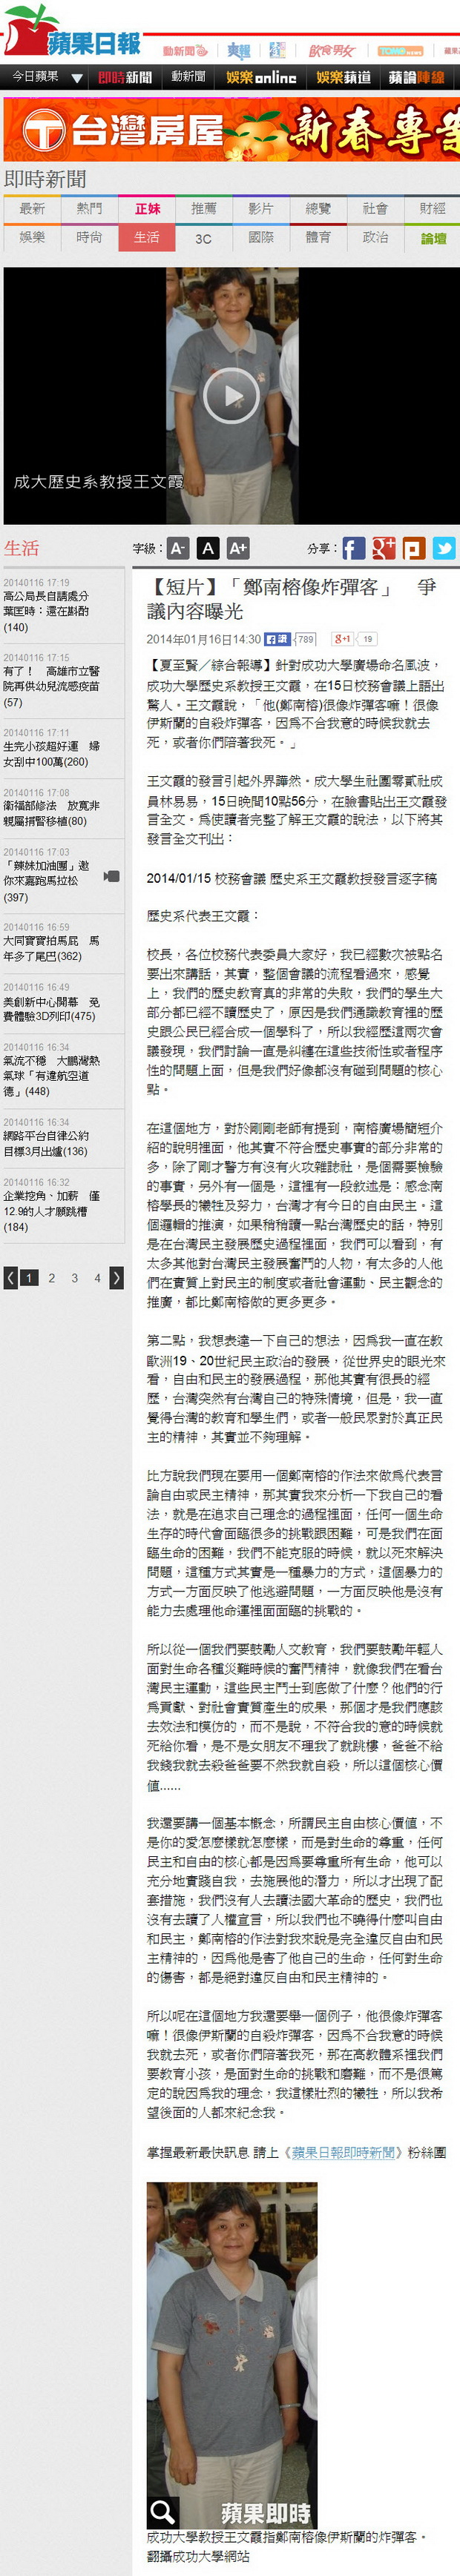 】「鄭南榕像炸彈客」 爭議內容曝光-2014.01.16.jpg